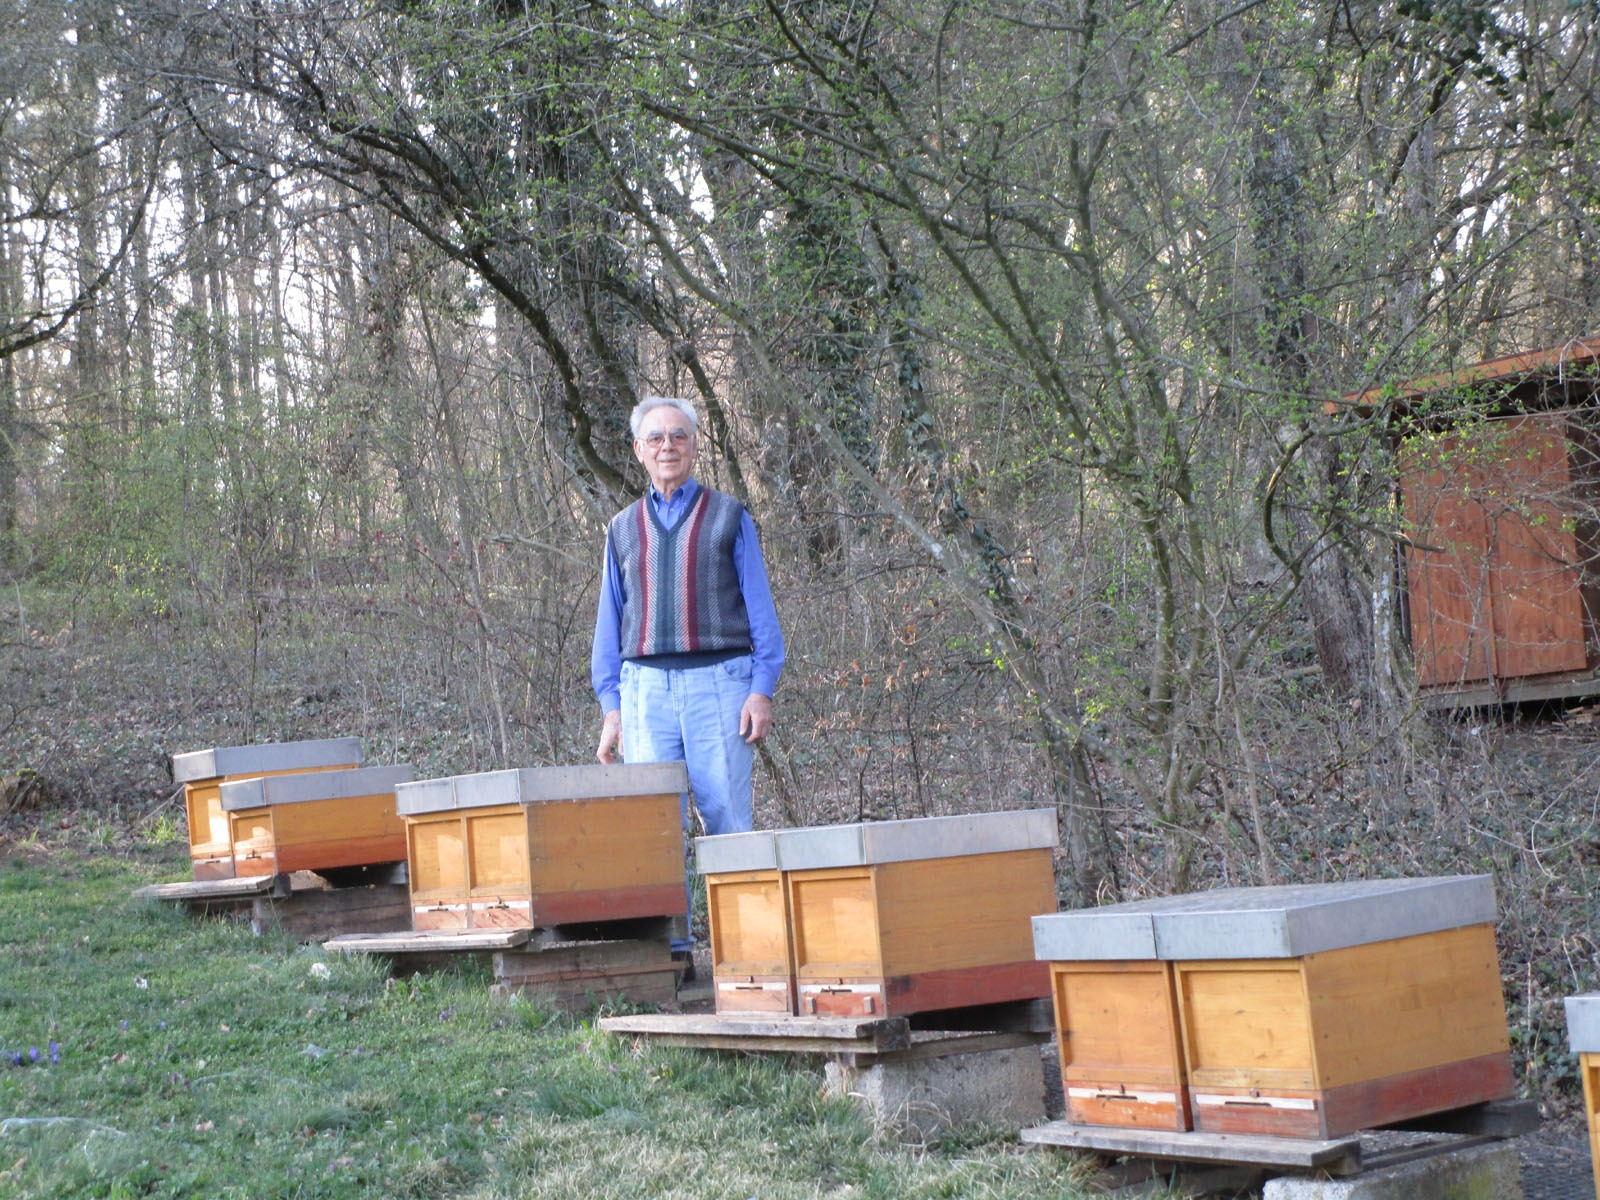 2018_05_08 Wiernsheim, An Paul Göbels Bienenstand